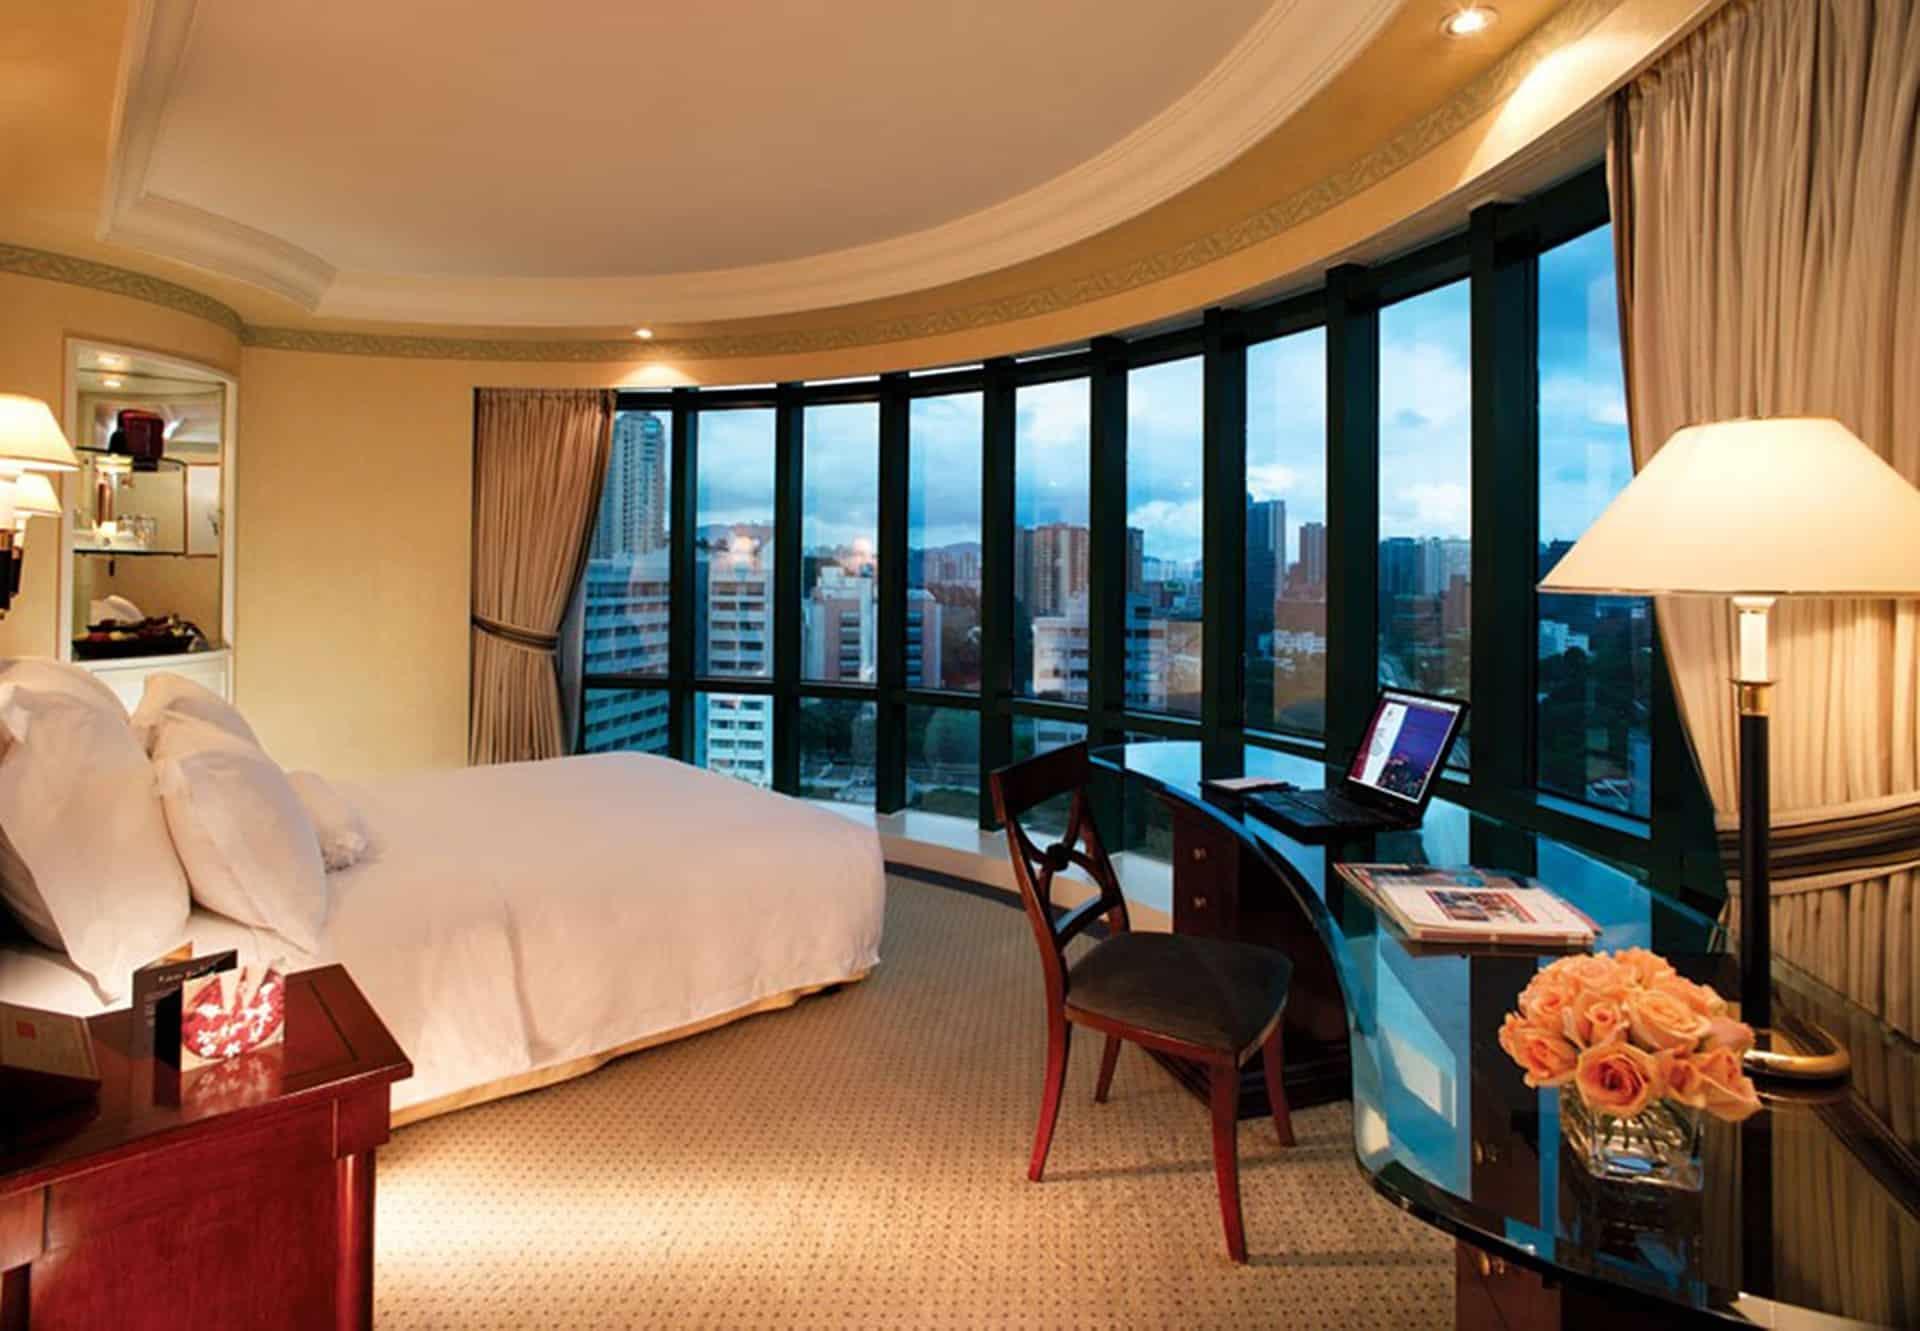 Hotellerie: Diebesgut ist beliebtes Souvenir